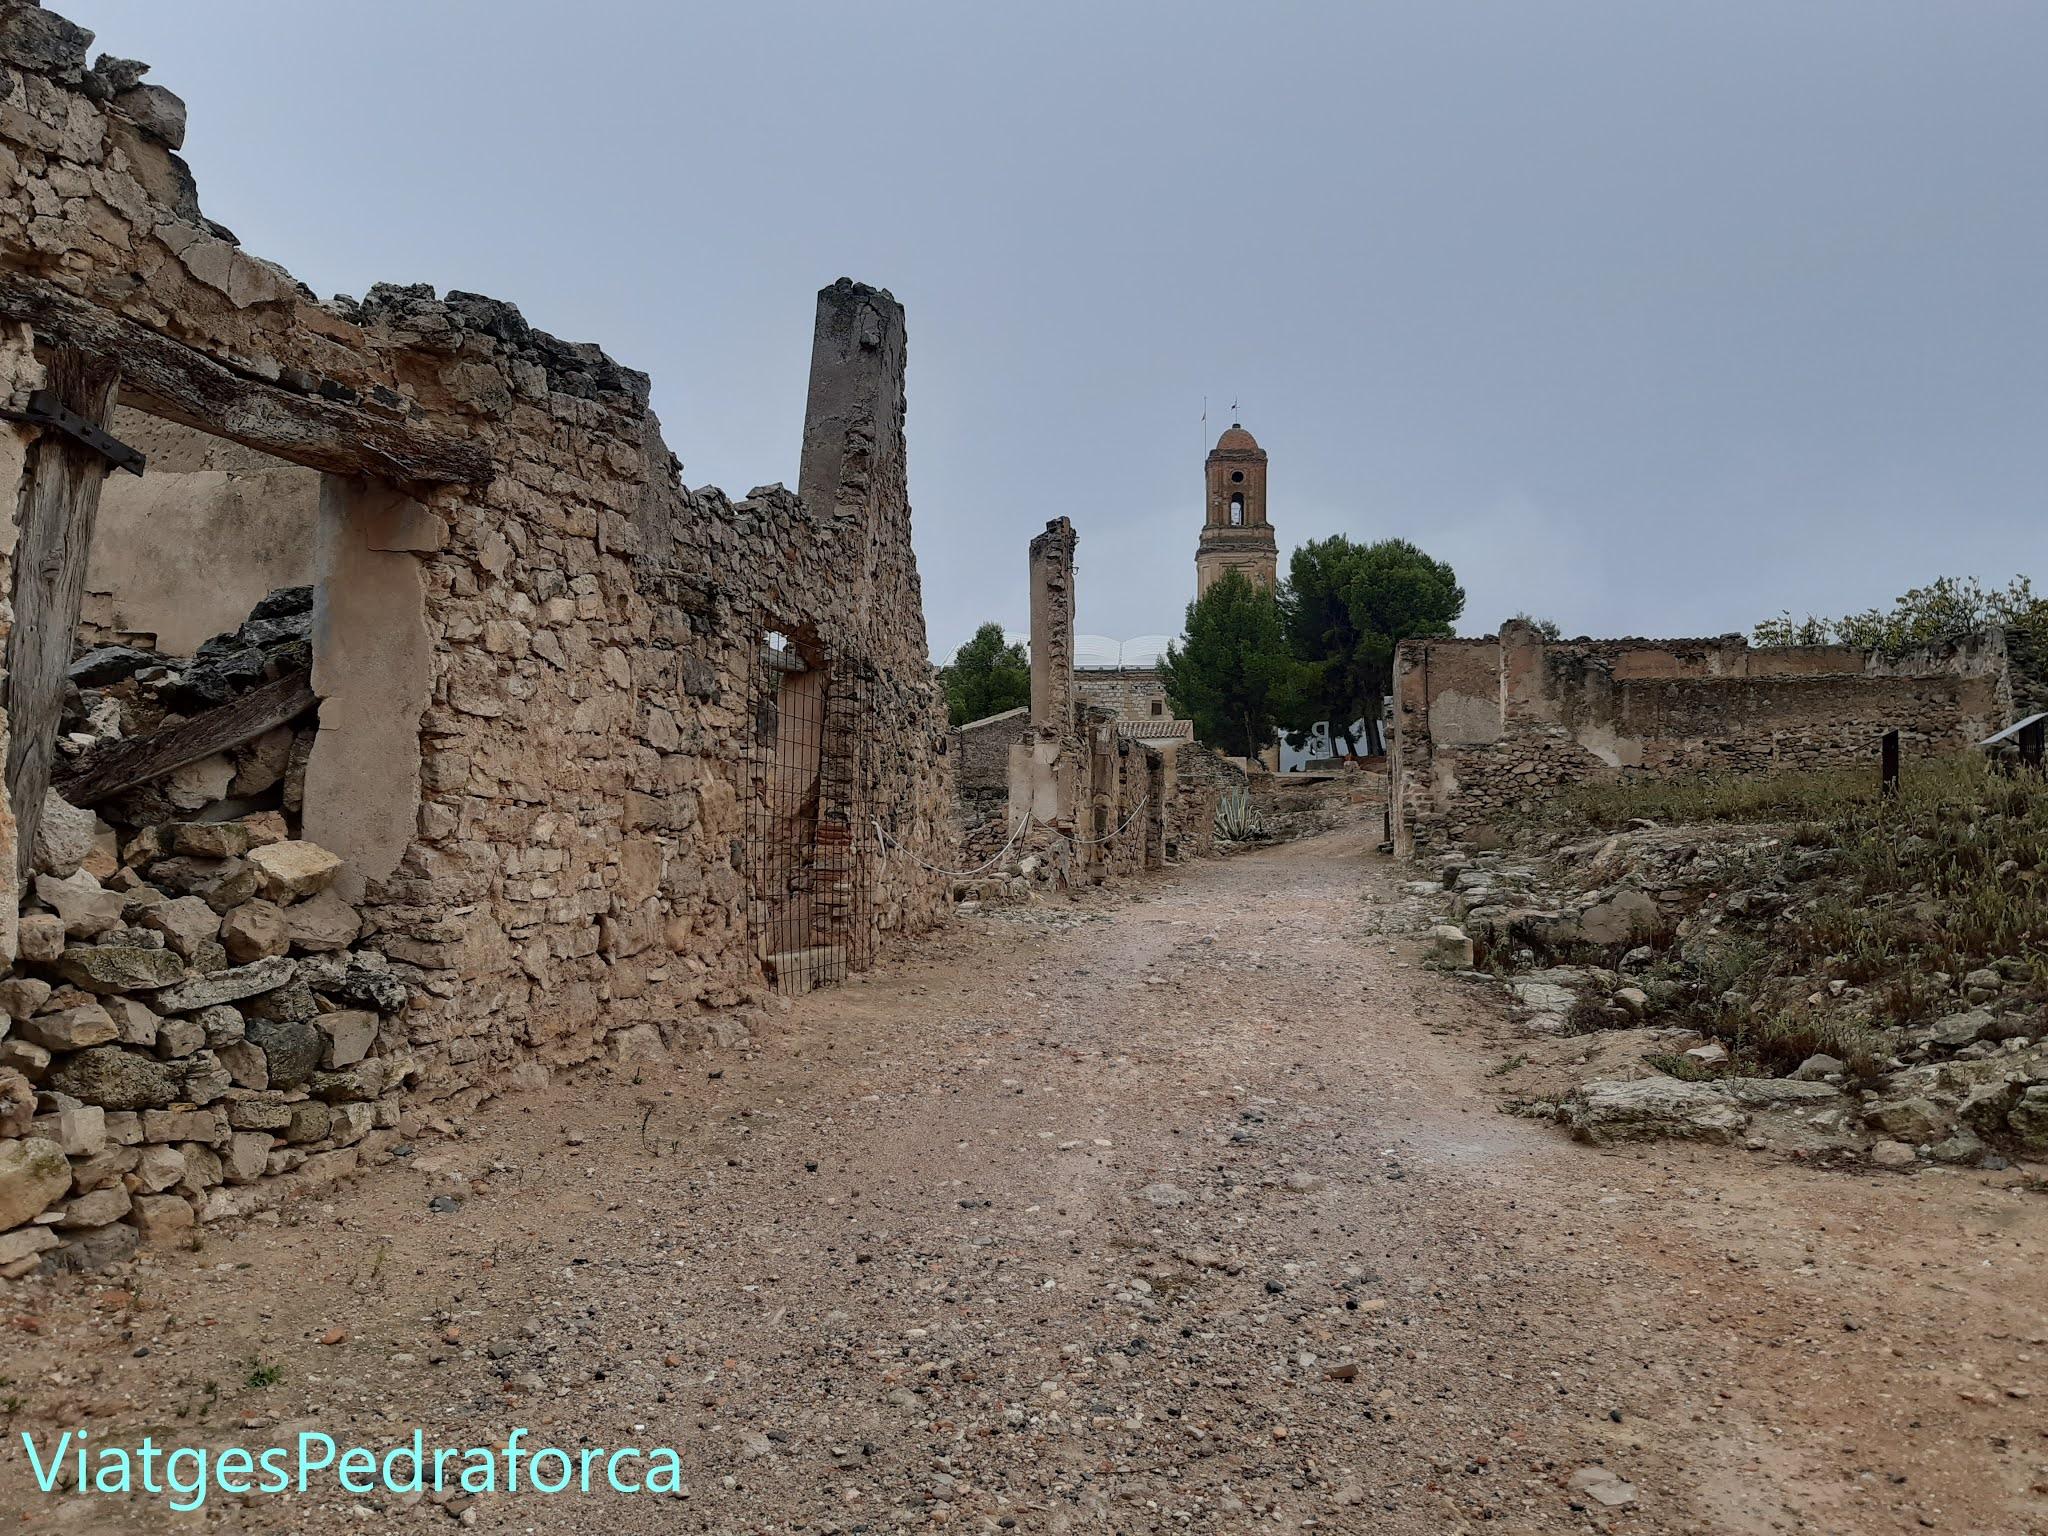 Terra Alta, Terres de l'Ebre, Tarragona, Batalla de l'Ebre, Patrimoni Cultural, Catalunya, rutes per Catalunya